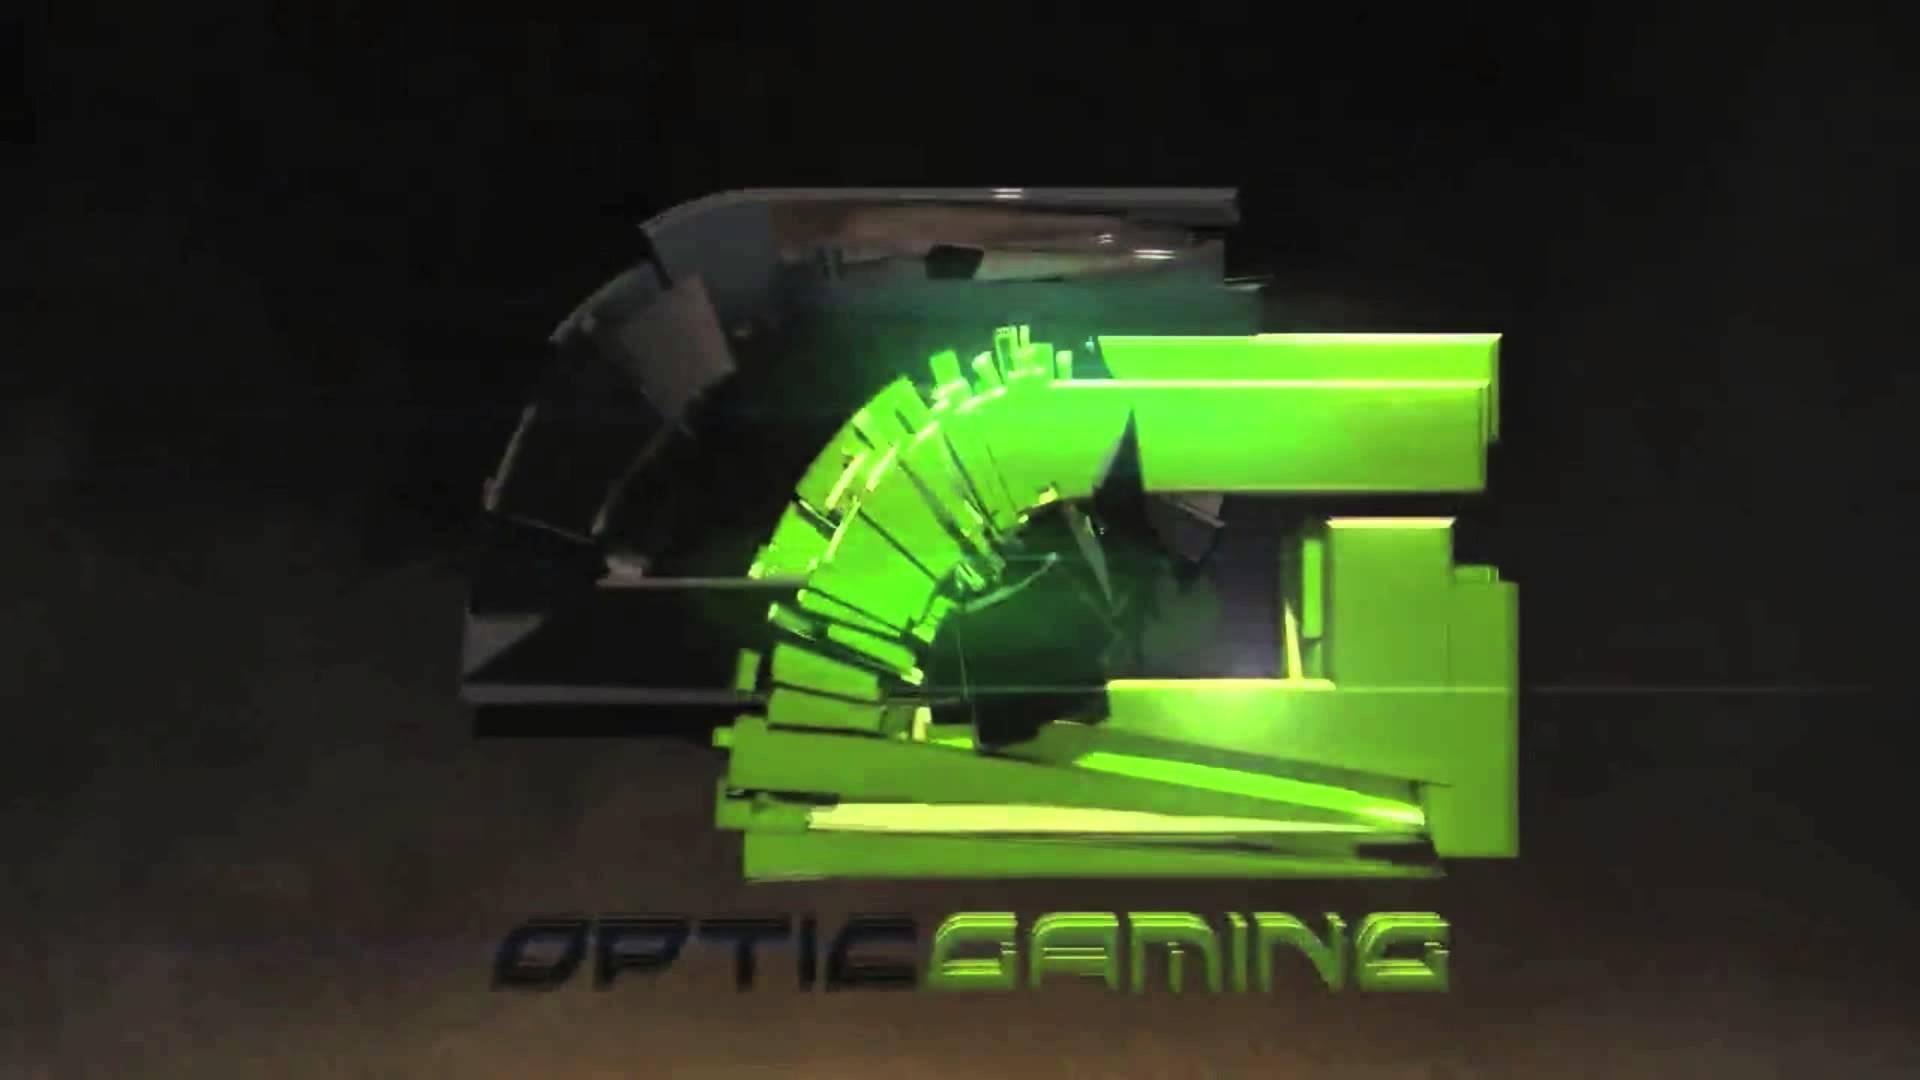 optic gaming wallpapers 2015 wallpaper cave